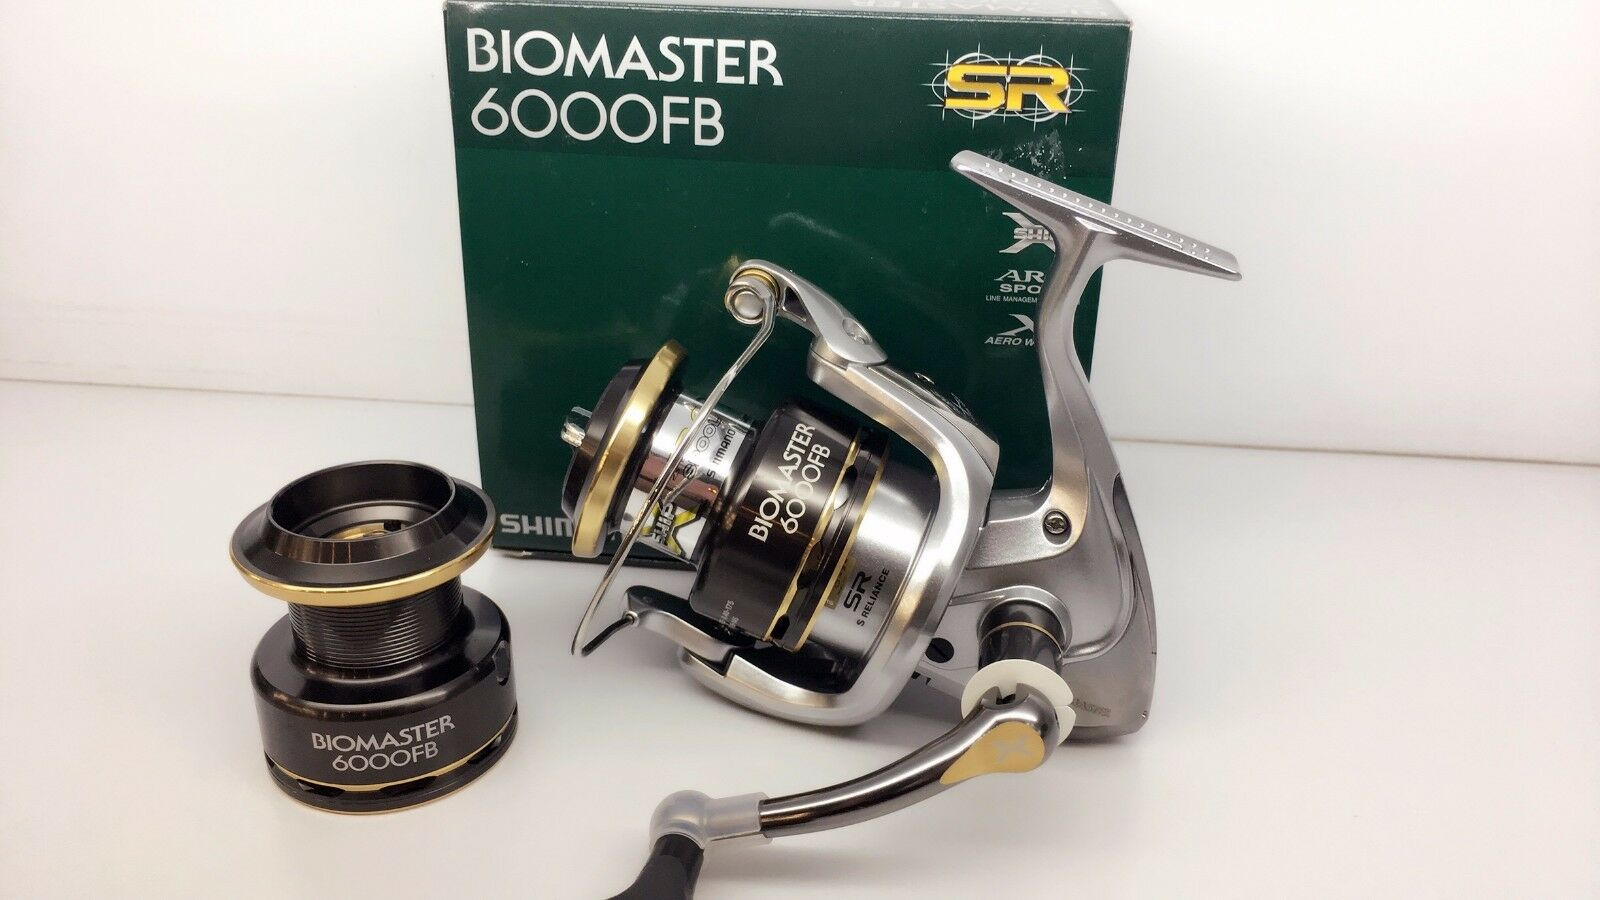 Shimano Biomaster 6000FB Gratis Cocherete De Repuesto 6000 FB Reel Prioridad FEDEX a EE. UU.